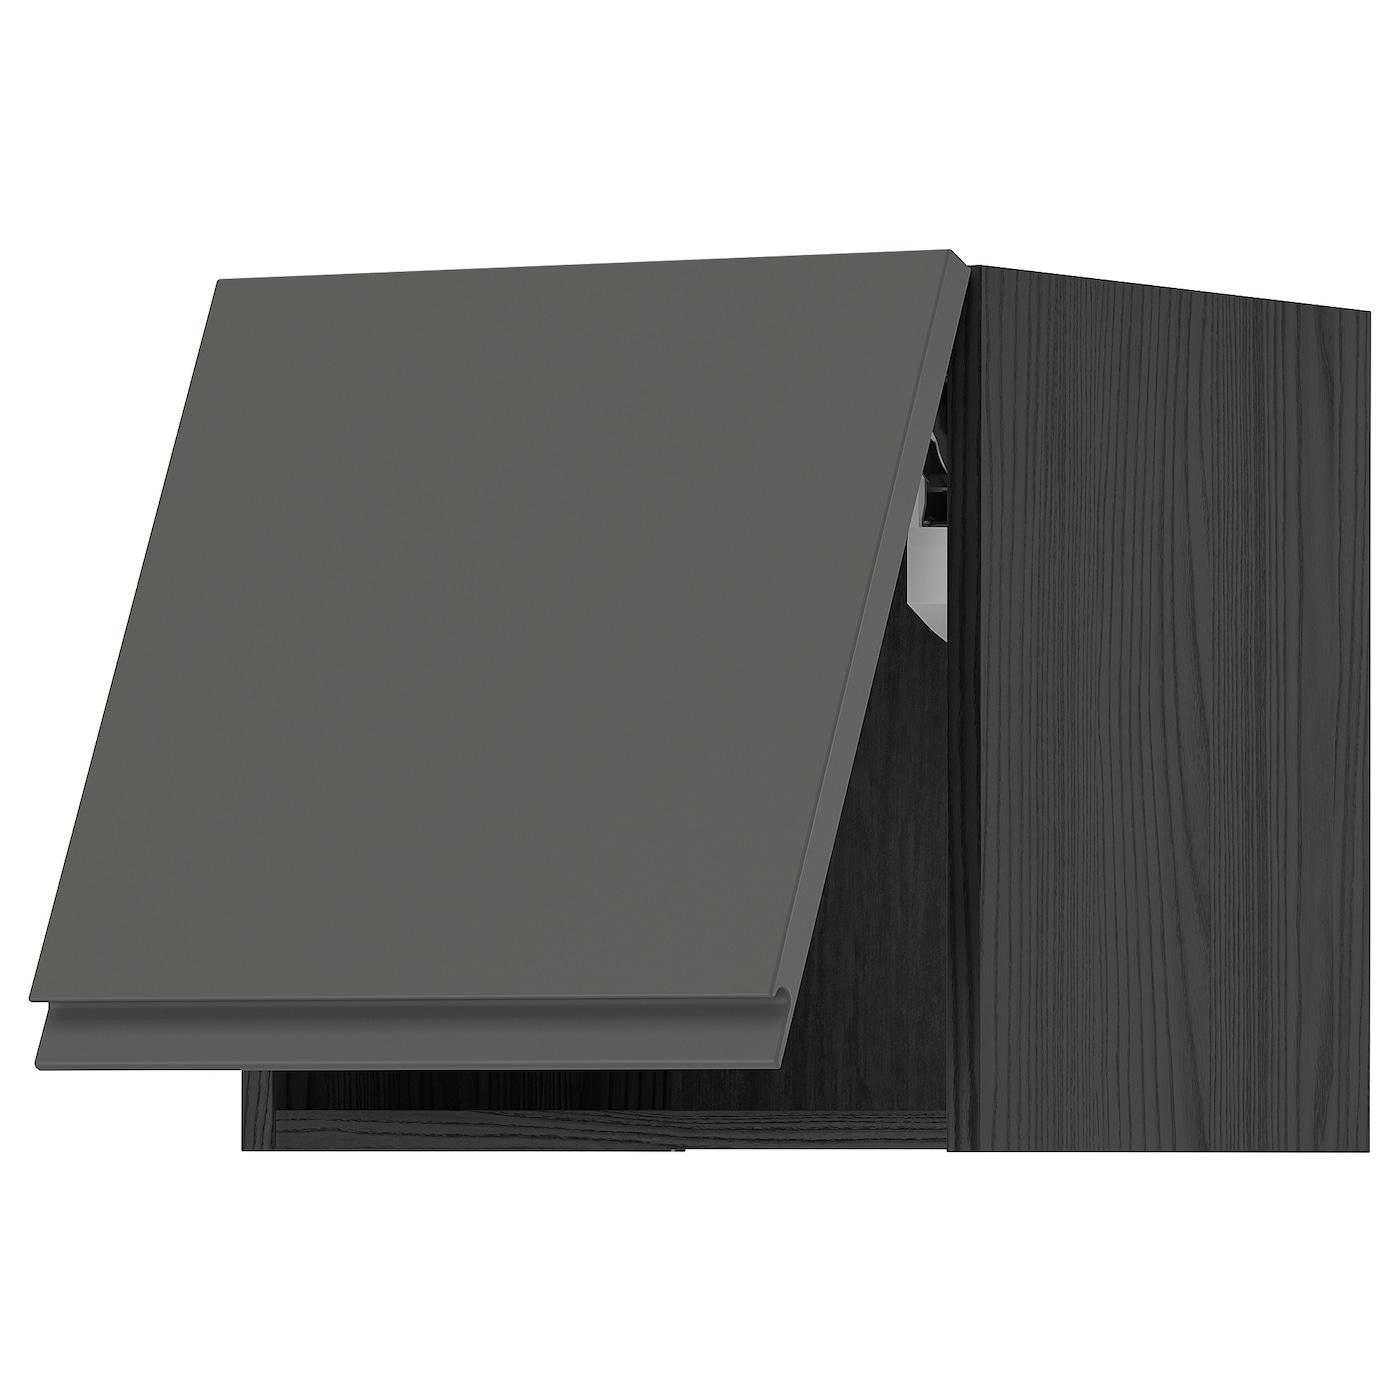 IKEA METOD Szafka śc poz, czarny, Voxtorp ciemnoszary, 40x40 cm